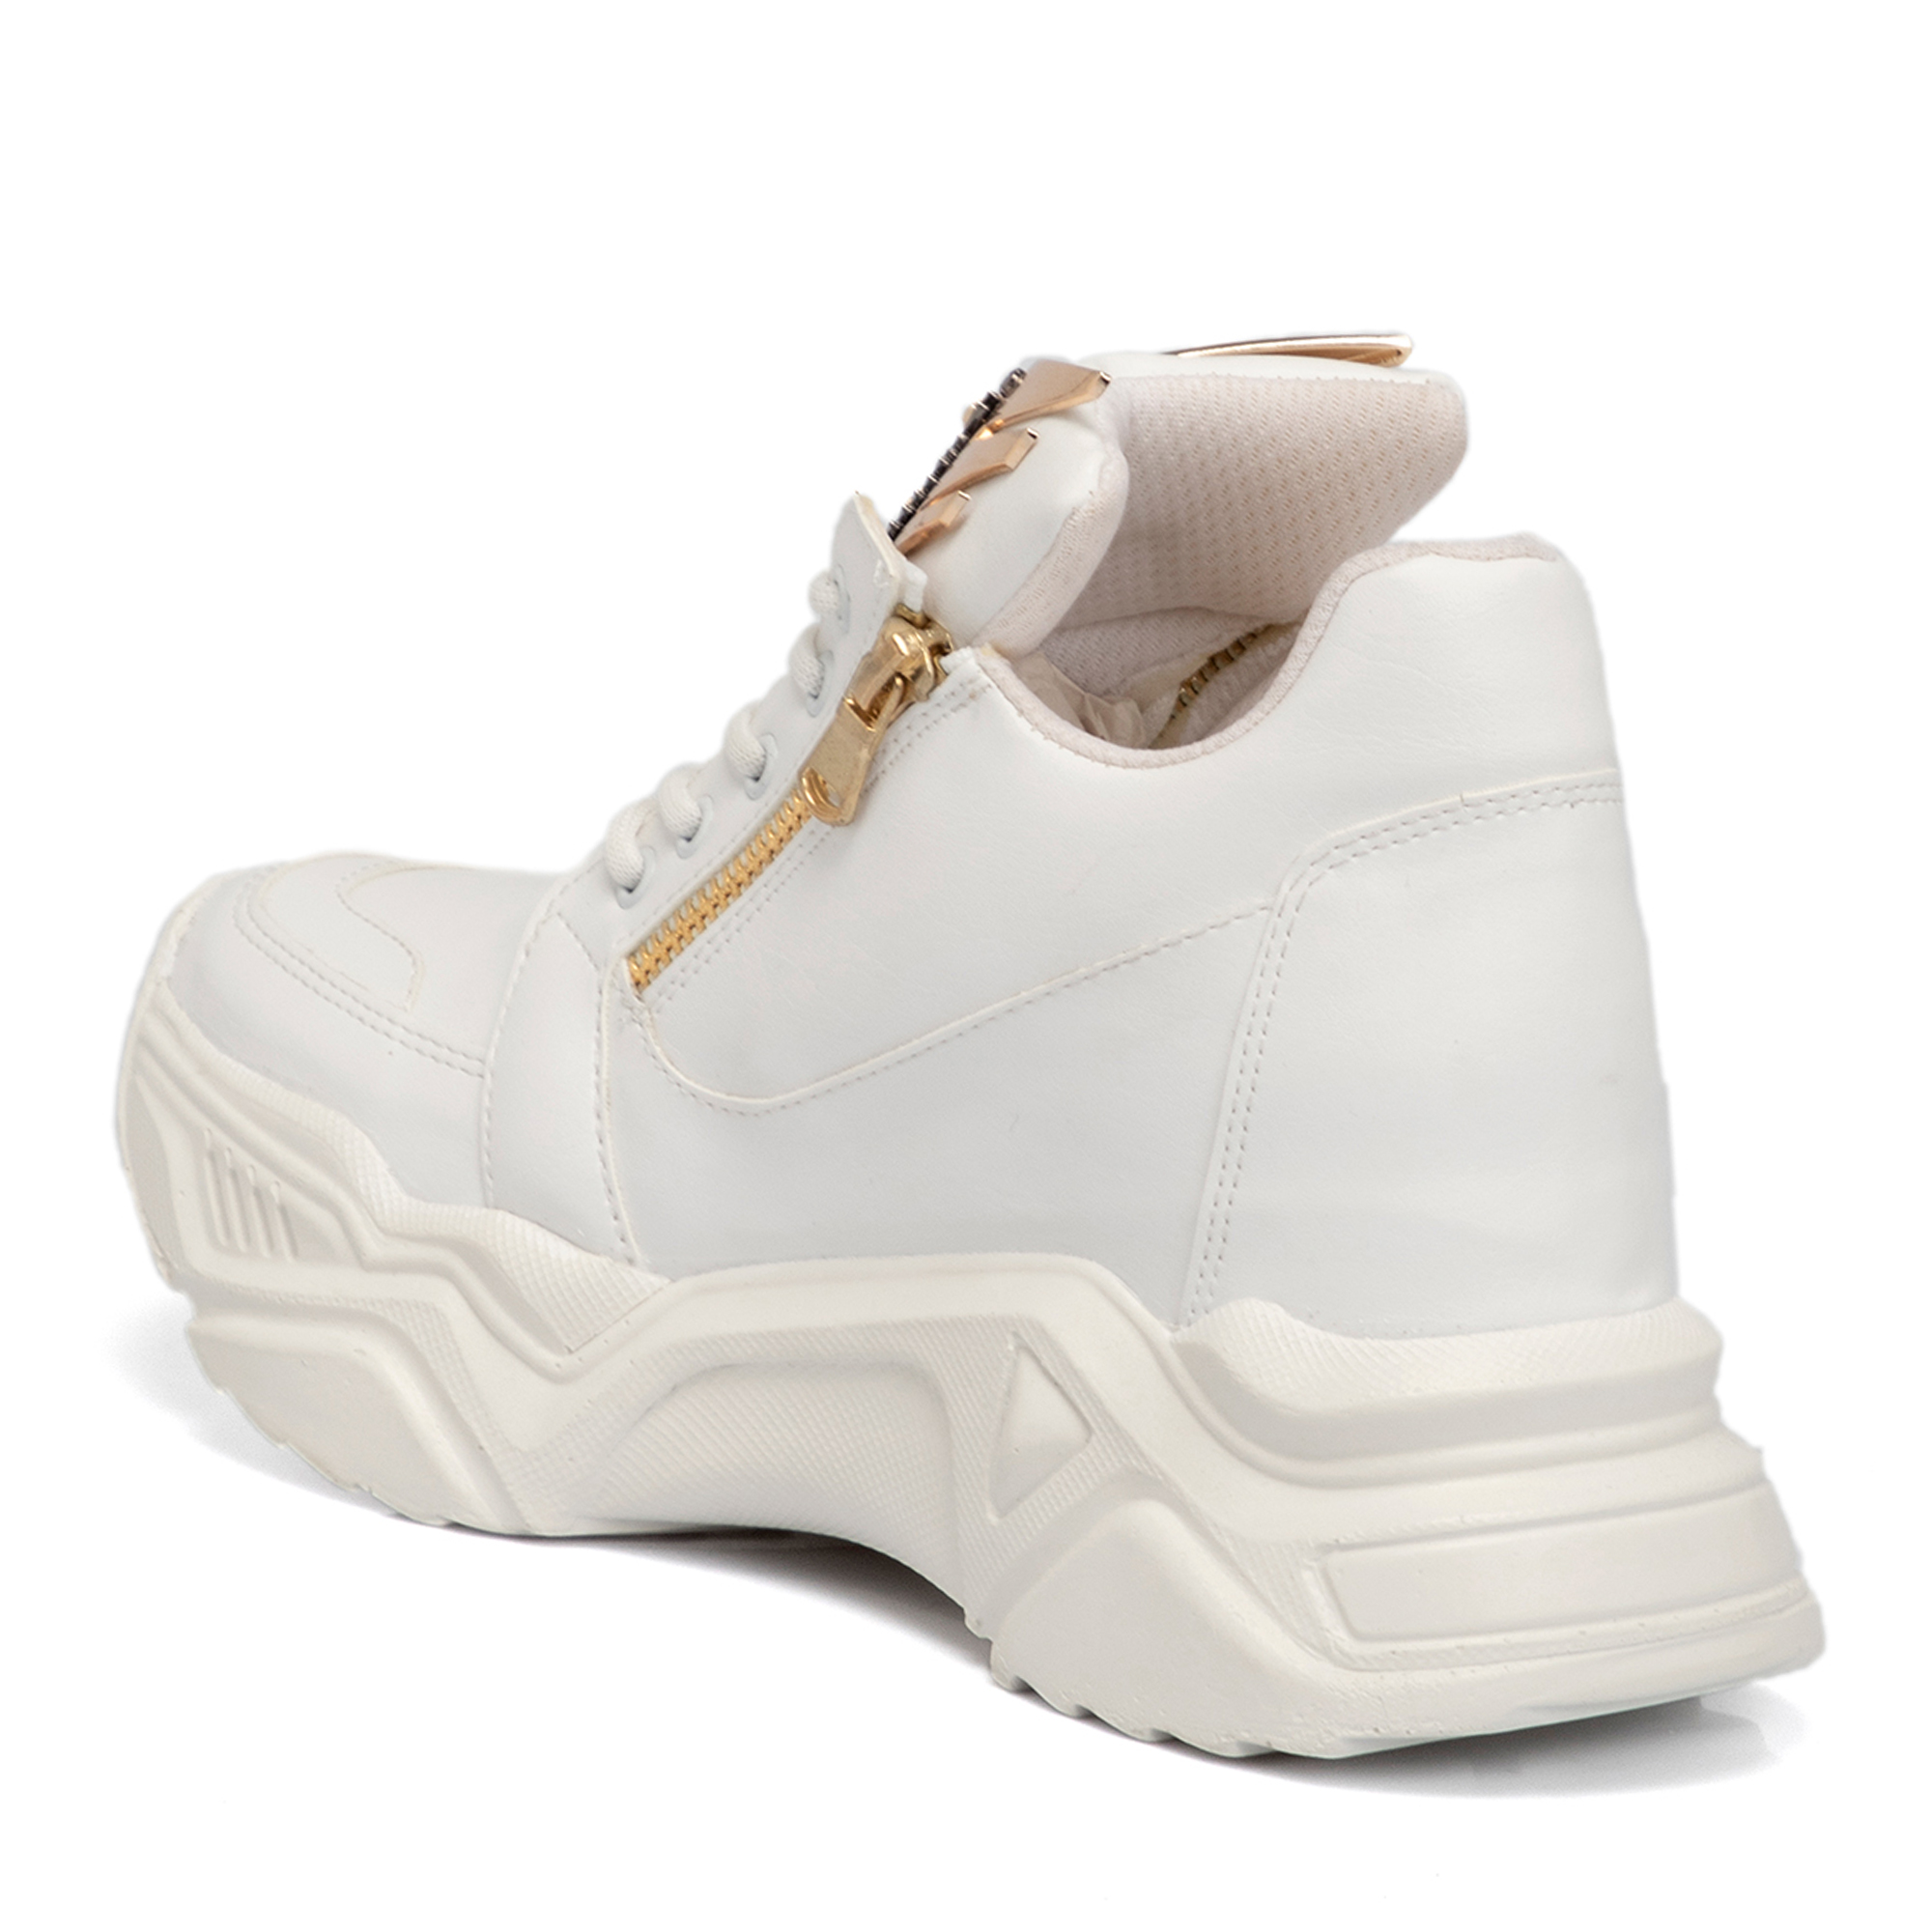 Beyaz Vegan Kadın Ayakkabı 65075D93